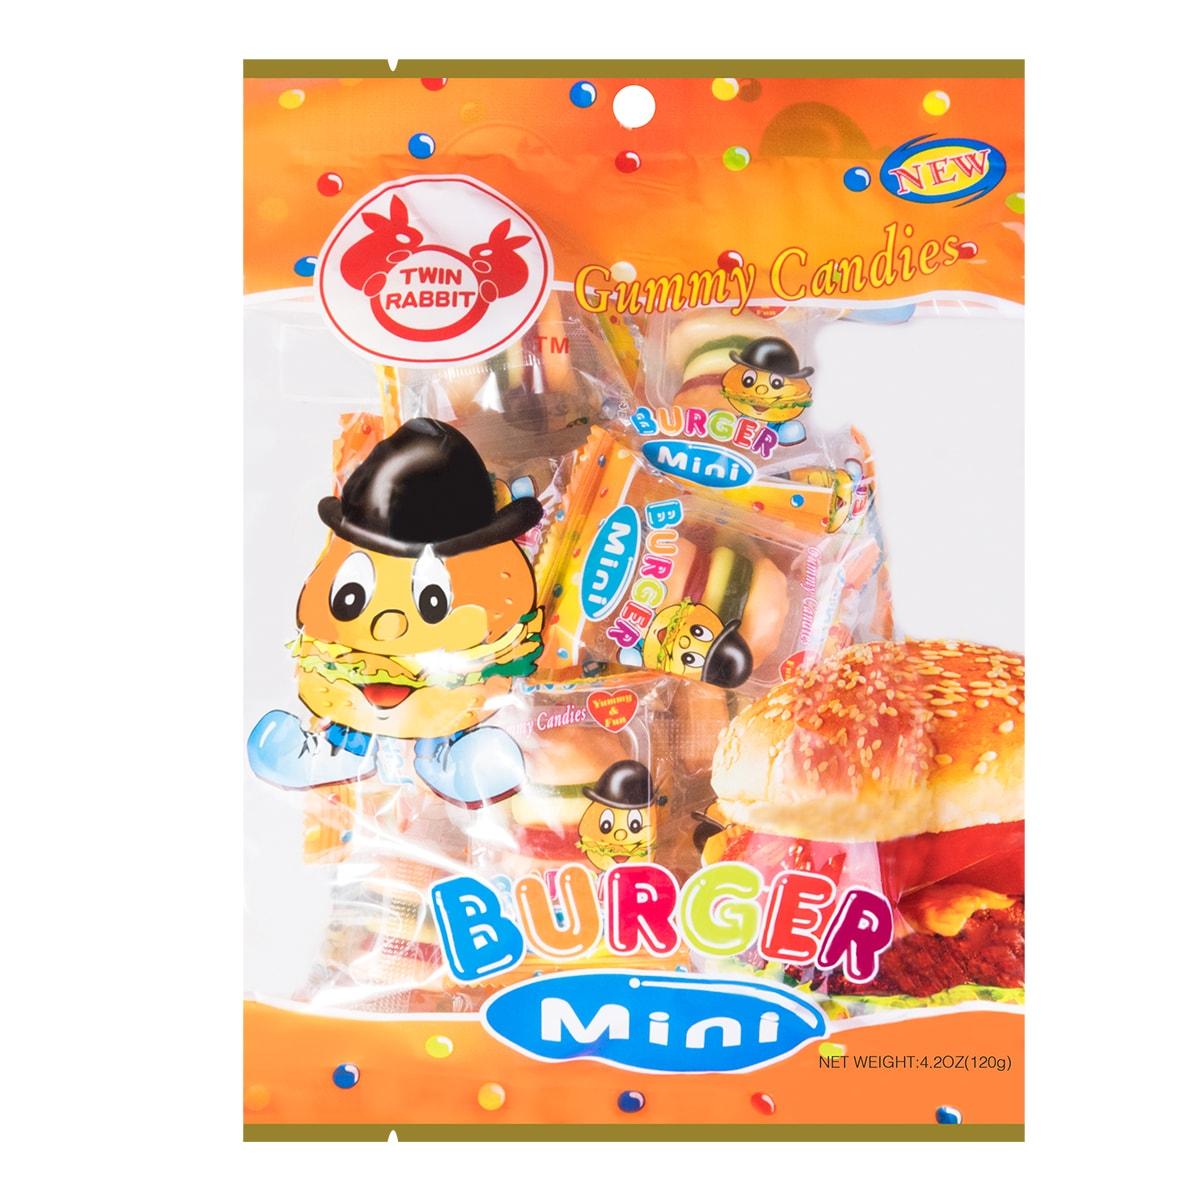 TWIN RABBIT 汉堡软糖 120g